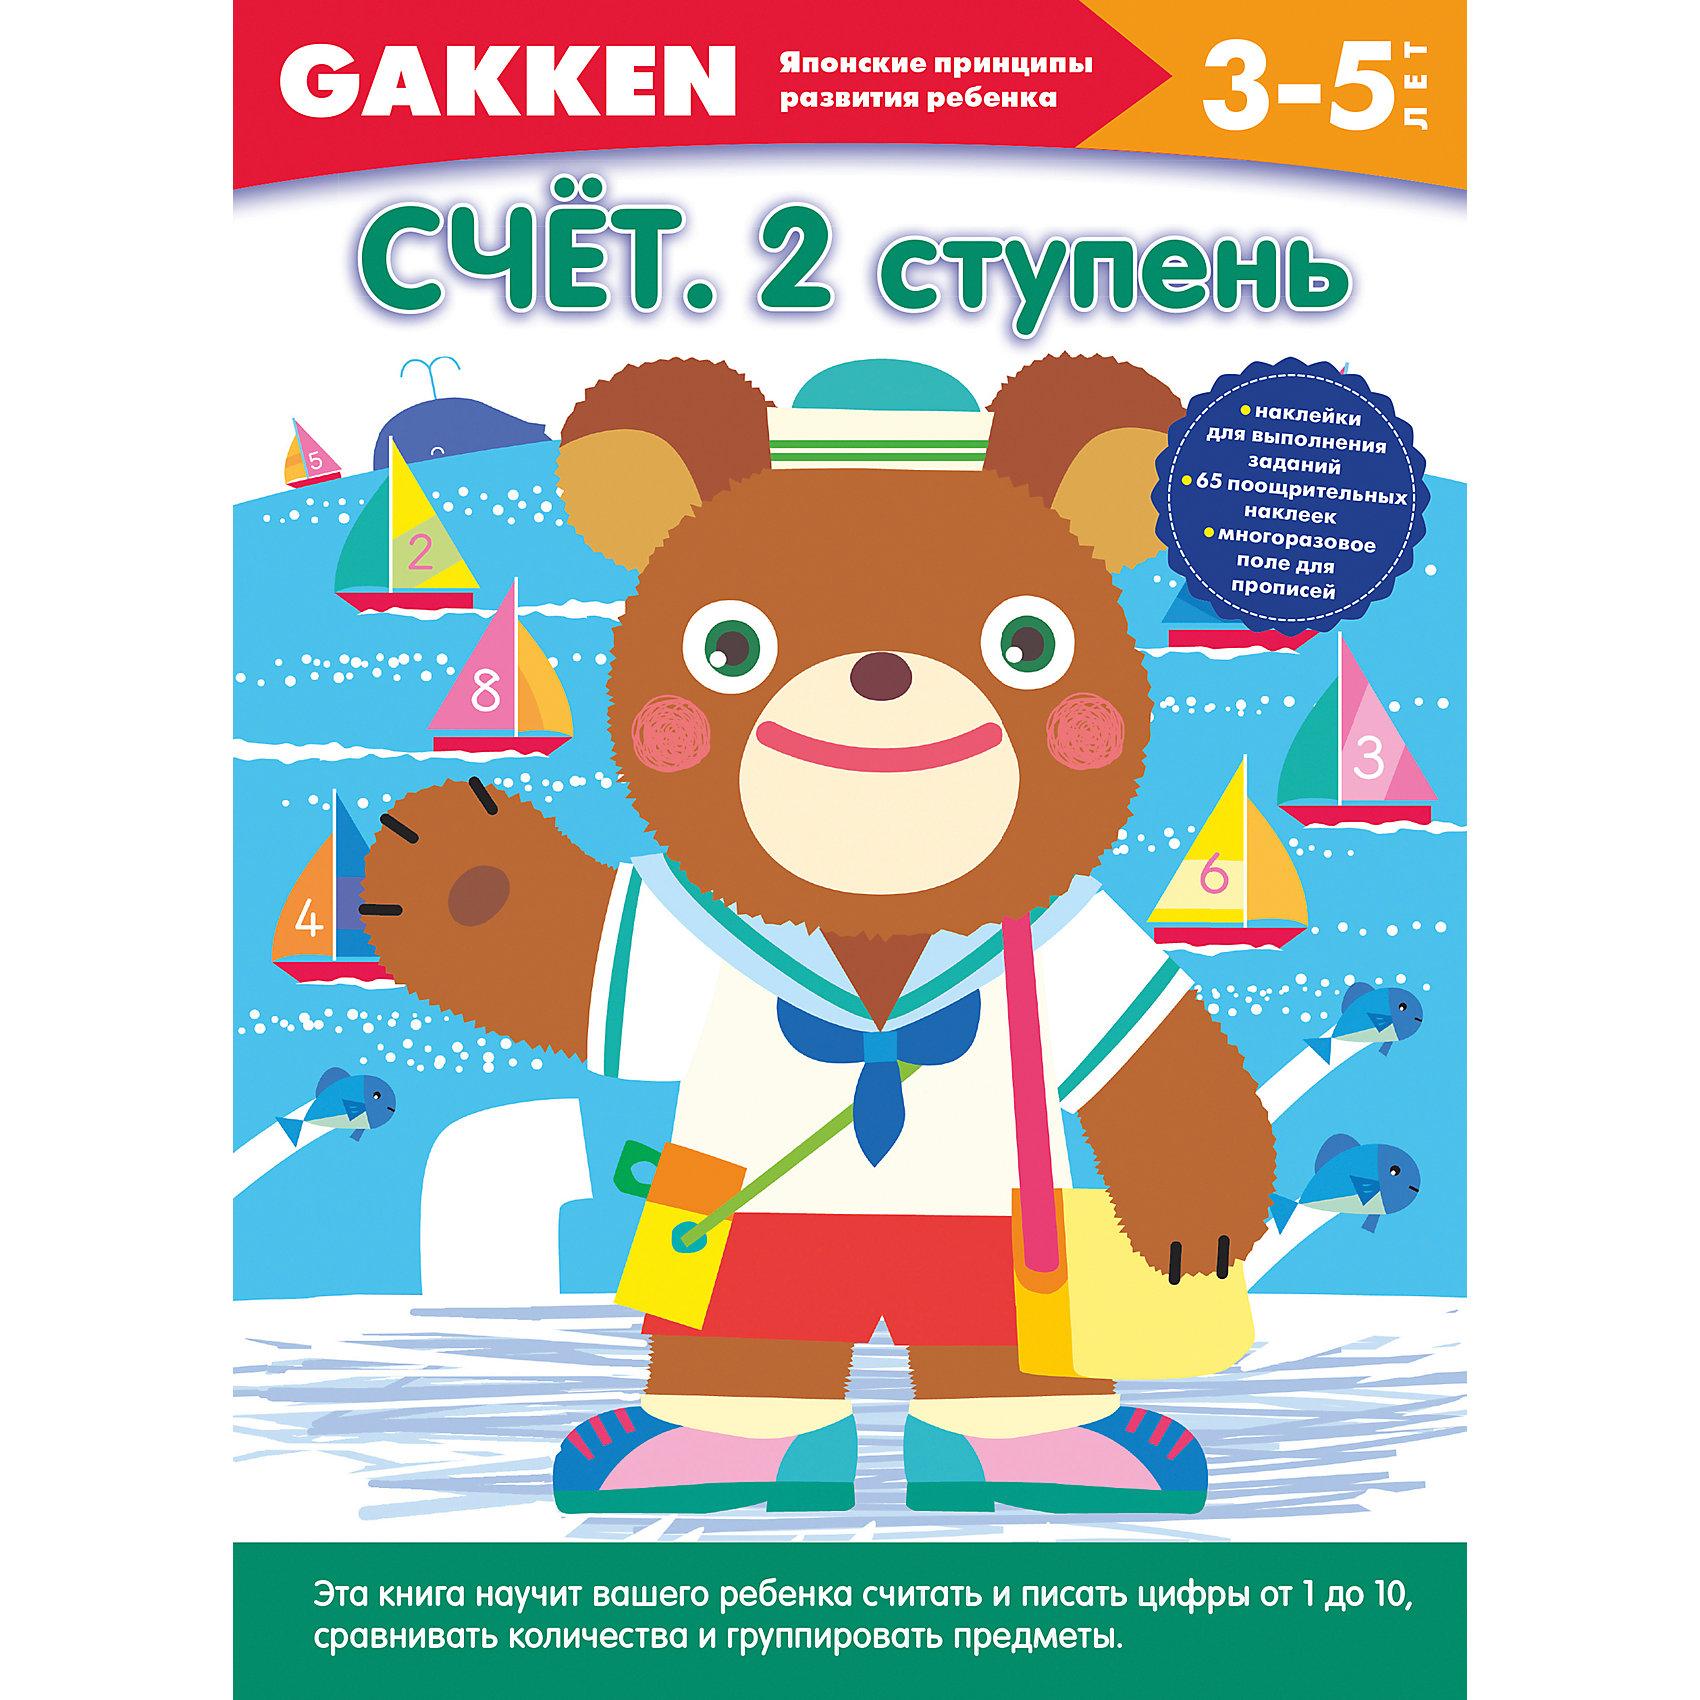 Развивающая книга Счет. 2 ступень (3+) GAKKENРазвивающая книга Счет. 2 ступень (3+) – это красочная книга с увлекательными развивающими заданиями.<br>Книга Счет. 2 ступень (3+), серии Японские принципы развития ребенка, научит вашего малыша: считать до 10; сравнивать количество предметов; мысленно связывать количество предметов с числом; группировать предметы в множества; правильно произносить числительные от 1 до 10 и писать цифры. В основу книги легли методические разработки профессора психологии Акиры Таго, широко известного в Японии специалиста по развитию интеллектуальных способностей, в том числе и у детей. Это методика, которой можно доверять! Уже 30 лет она успешно применяется в детских садах Японии. Благодаря особенностям подачи материала развитие ребенка идет сразу в двух направлениях: обучение необходимым навыкам и психологическое формирование успешной личности. Обучение по-японски — это увлекательный путь к способности принимать самостоятельные решения и творчески осмысливать поставленные задачи. Главный принцип методики – это система «микро-шагов», когда каждый последующий шаг чуть сложнее предыдущего. Благодаря этому ребенок не боится выполнять задания, его уверенность в своих силах возрастает. В основании методики — неразрывная связь между развитием руки и интеллектуальных способностей малыша, именно поэтому особое внимание уделяется тому, чтобы научить ребёнка пользоваться письменными принадлежностями.<br><br>Дополнительная информация:<br><br>- В книге вы найдете: наклейки для выполнения заданий, 65 поощрительных наклеек, многоразовое поле для прописей<br>- Художники: Сакамото Мицуи, Араи Савако, Такаока Мидори<br>- Переводчик: Кашкарова Ольга<br>- Редактор: Саломатина Е. И.<br>- Издательство: Эксмо-Пресс, 2015 г.<br>- Серия: Gakken. Японские принципы развития ребенка<br>- Тип обложки: мягкий переплет (крепление скрепкой или клеем)<br>- Иллюстрации: цветные<br>- Количество страниц: 64 (офсет)<br>- Размер: 290x210x6 мм.<br>- Вес: 276 гр.<br><br>Развив